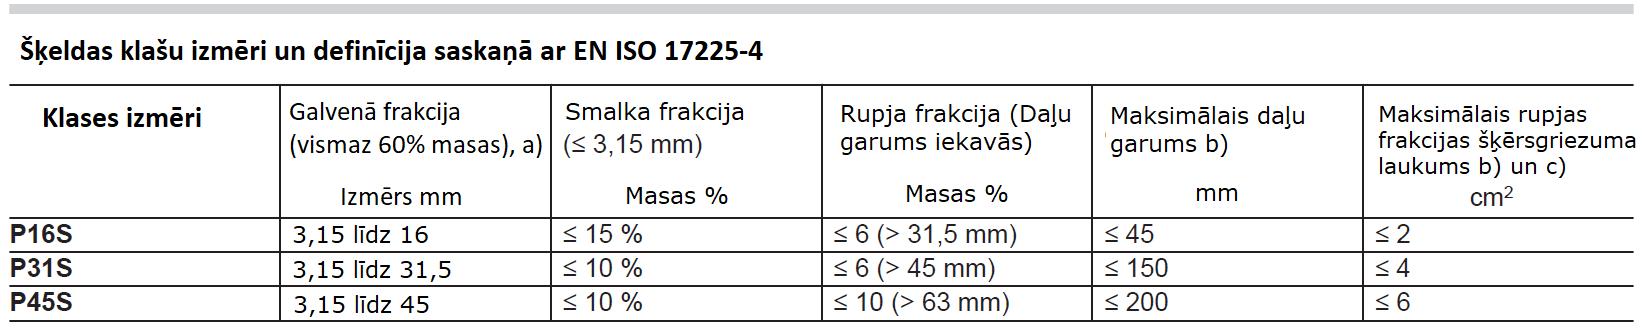 Apraksts